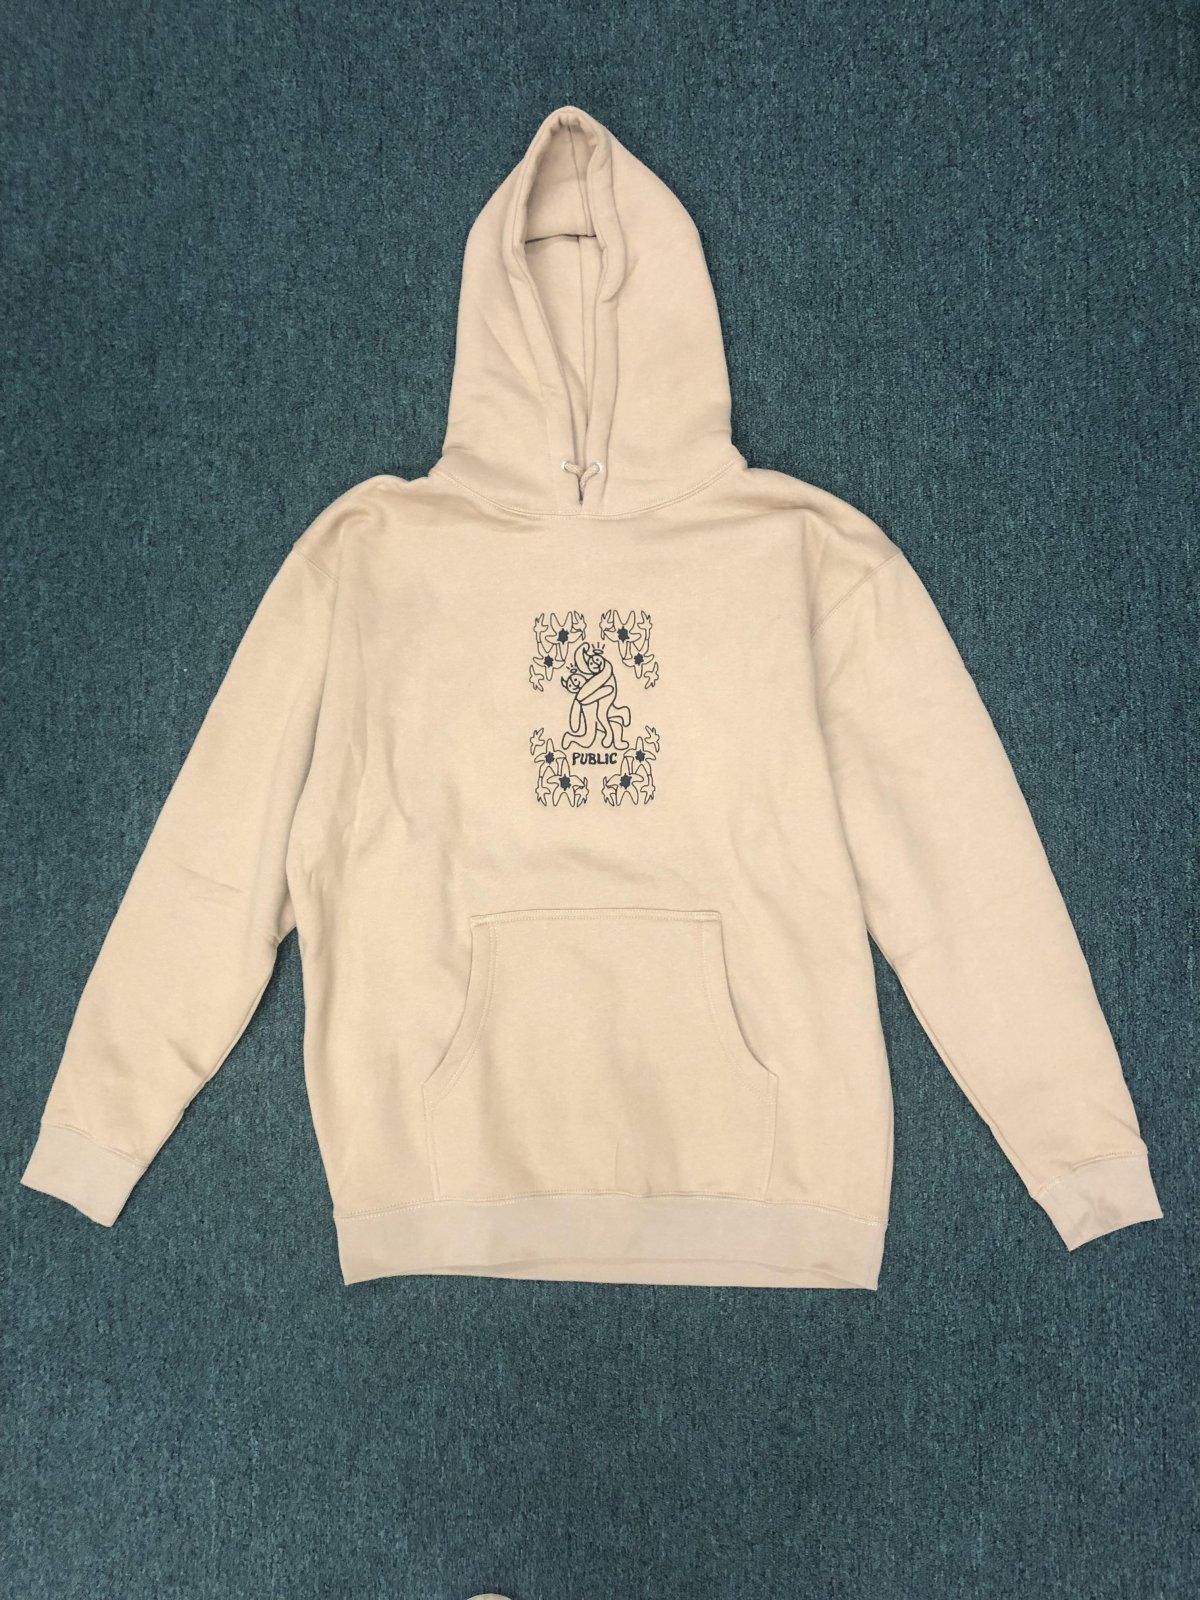 Public Friends Hooded Pullover Sweatshirt